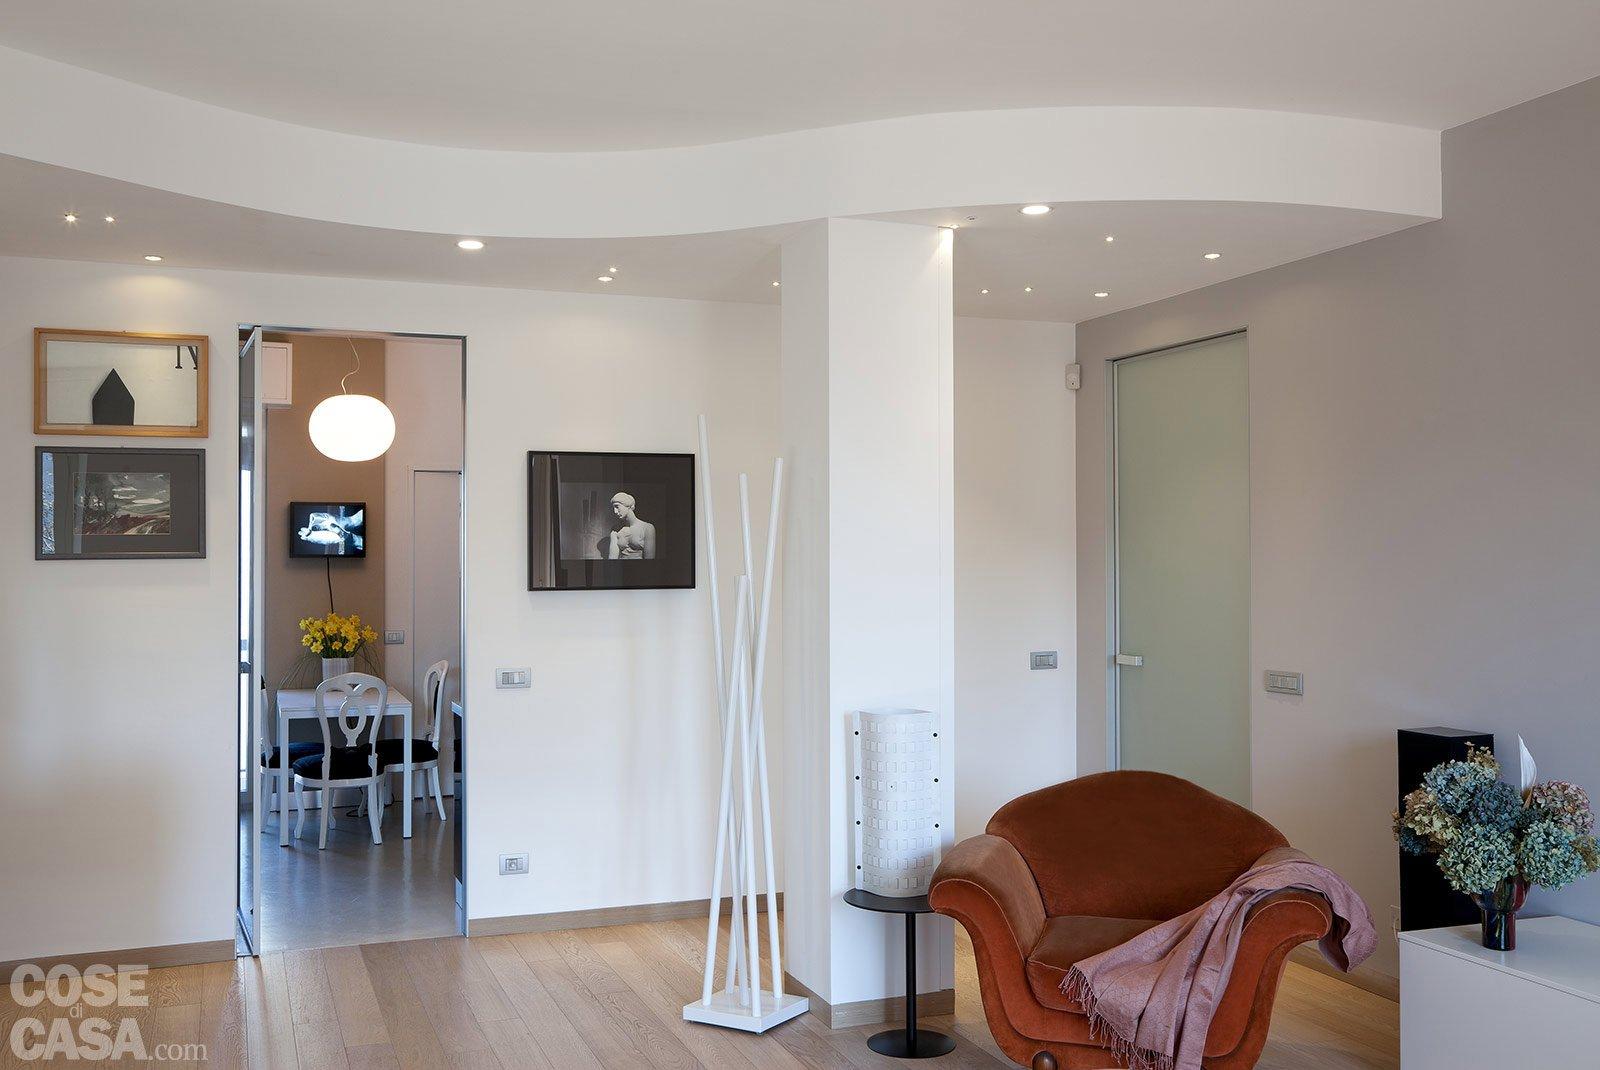 Ambienti contemporanei per una casa di taglio tradizionale cose di casa - Soluzioni ingresso casa ...